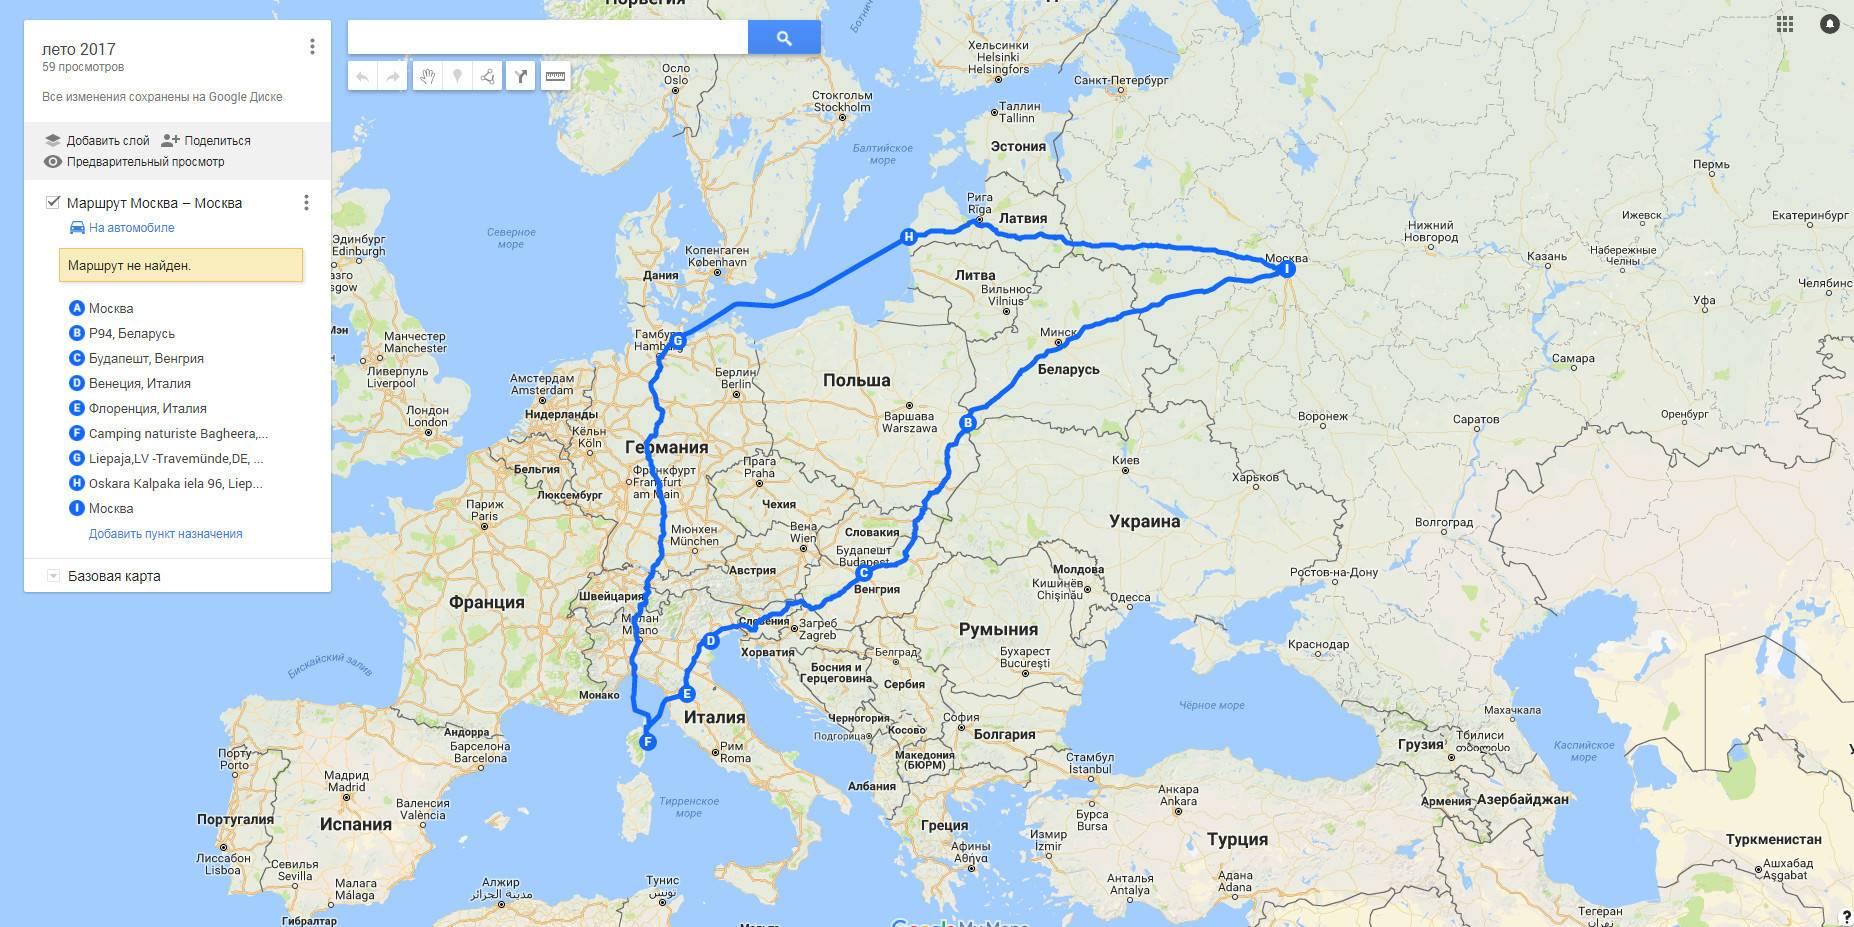 Путешествие в европу на собственном автомобиле